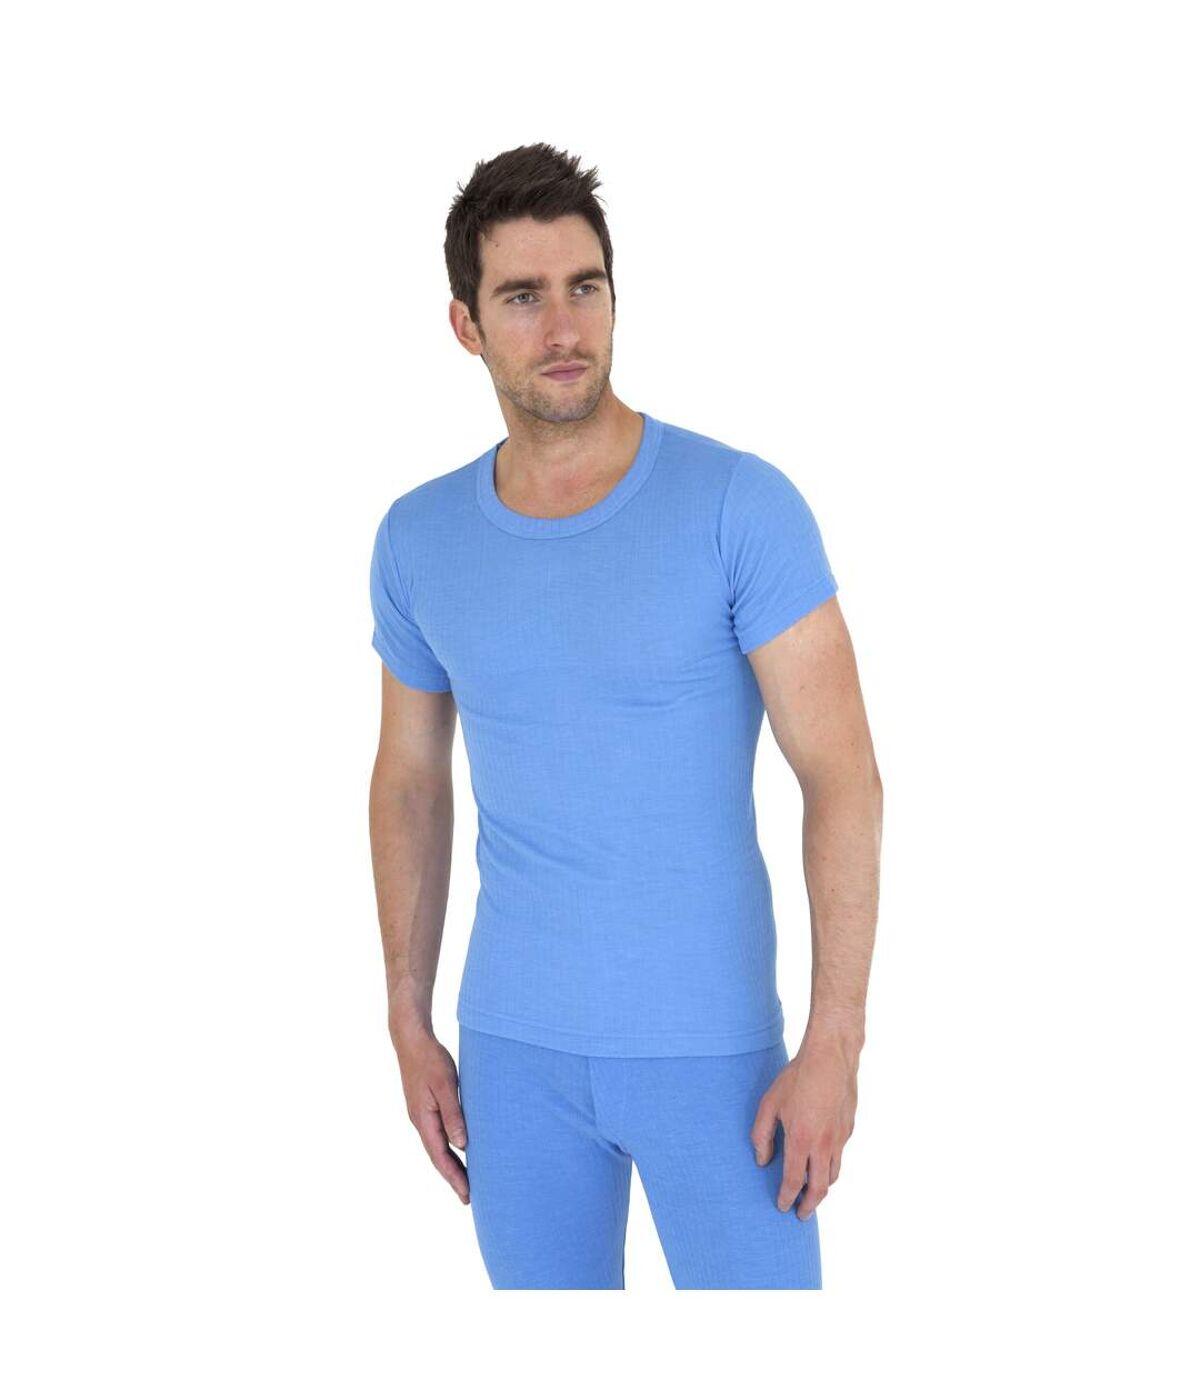 T-shirt thermique à manches courtes - Homme (Bleu) - UTTHERM2